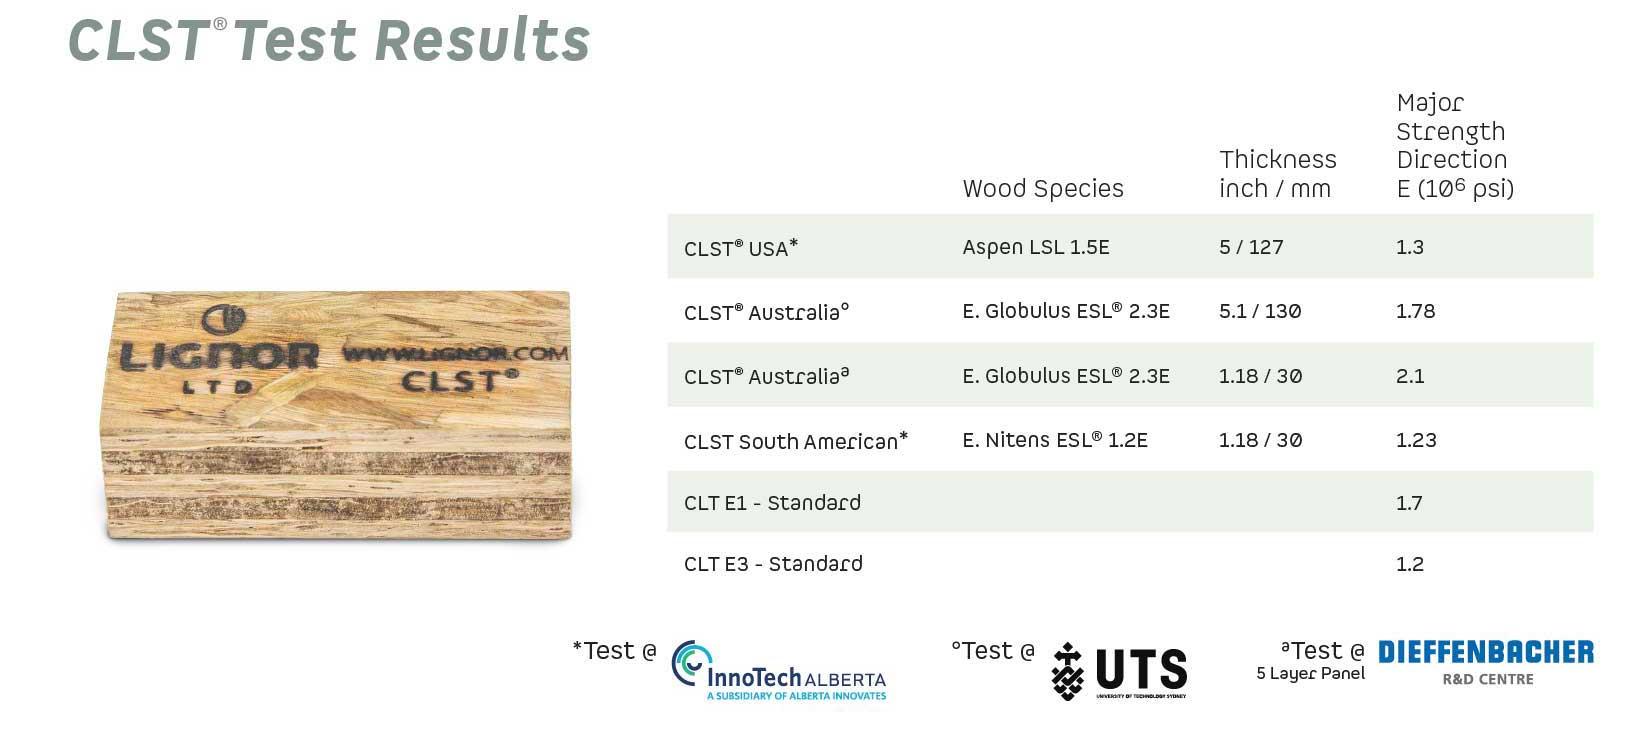 Lignor CLST Test Result